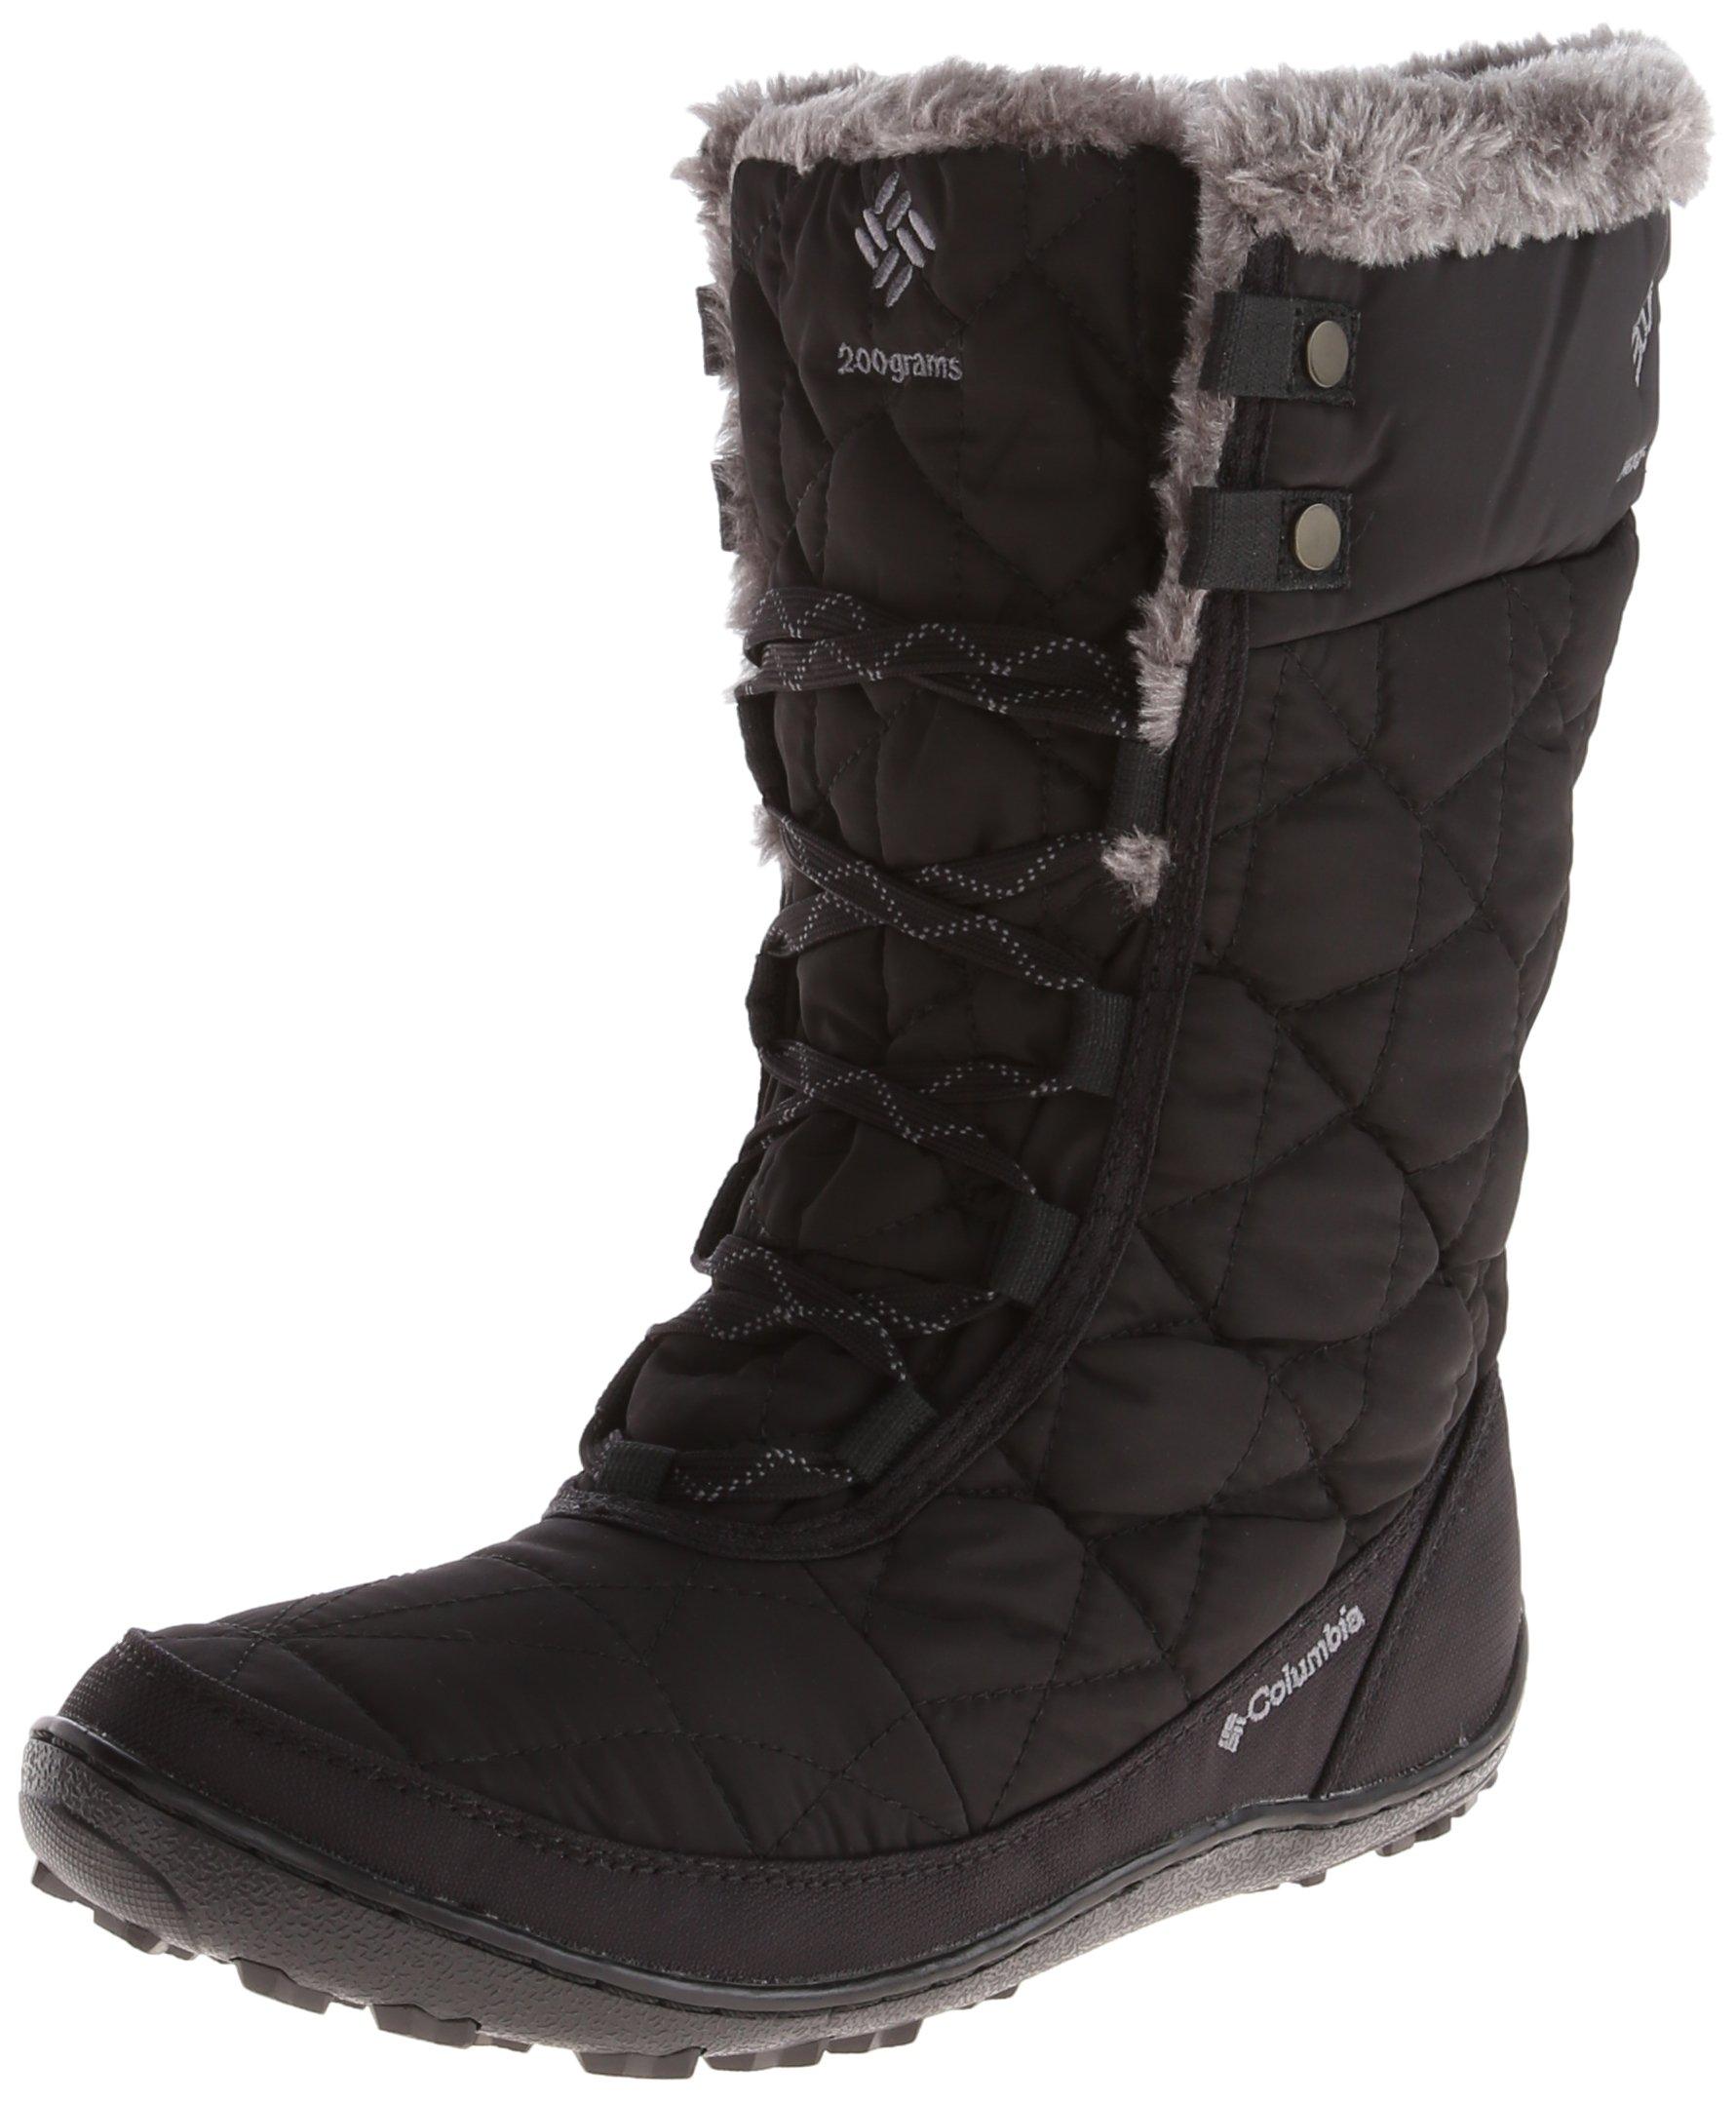 Columbia Women's Minx Mid Ii Omni-heat Snow Boot, Black, Charcoal, 9.5 B US